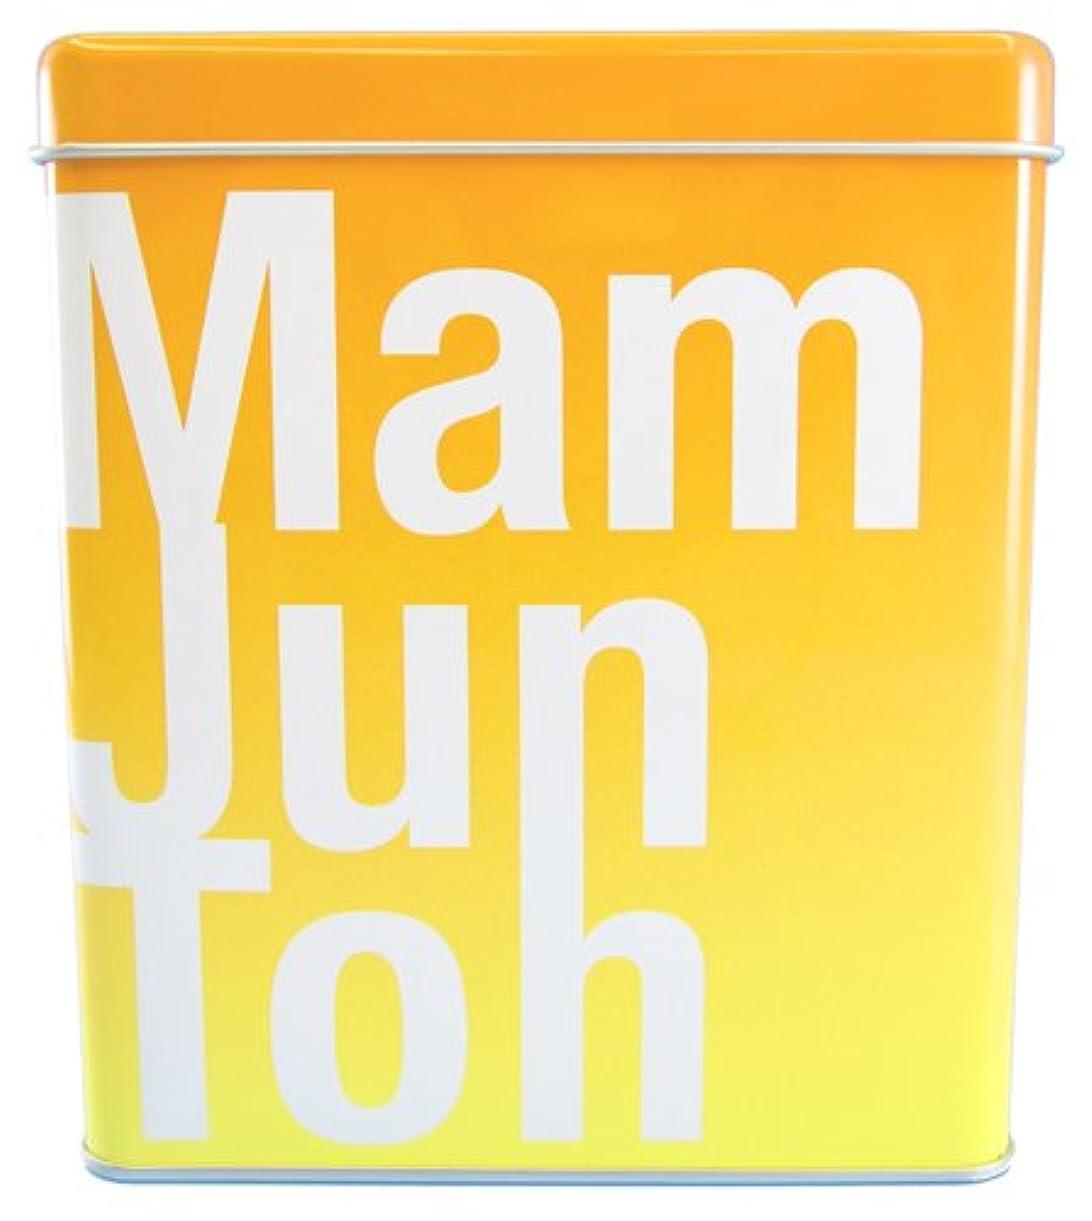 蔓潤湯 椿 パラダイス山元責任監修 薬用入浴剤 天然ビターオレンジの香り 750g